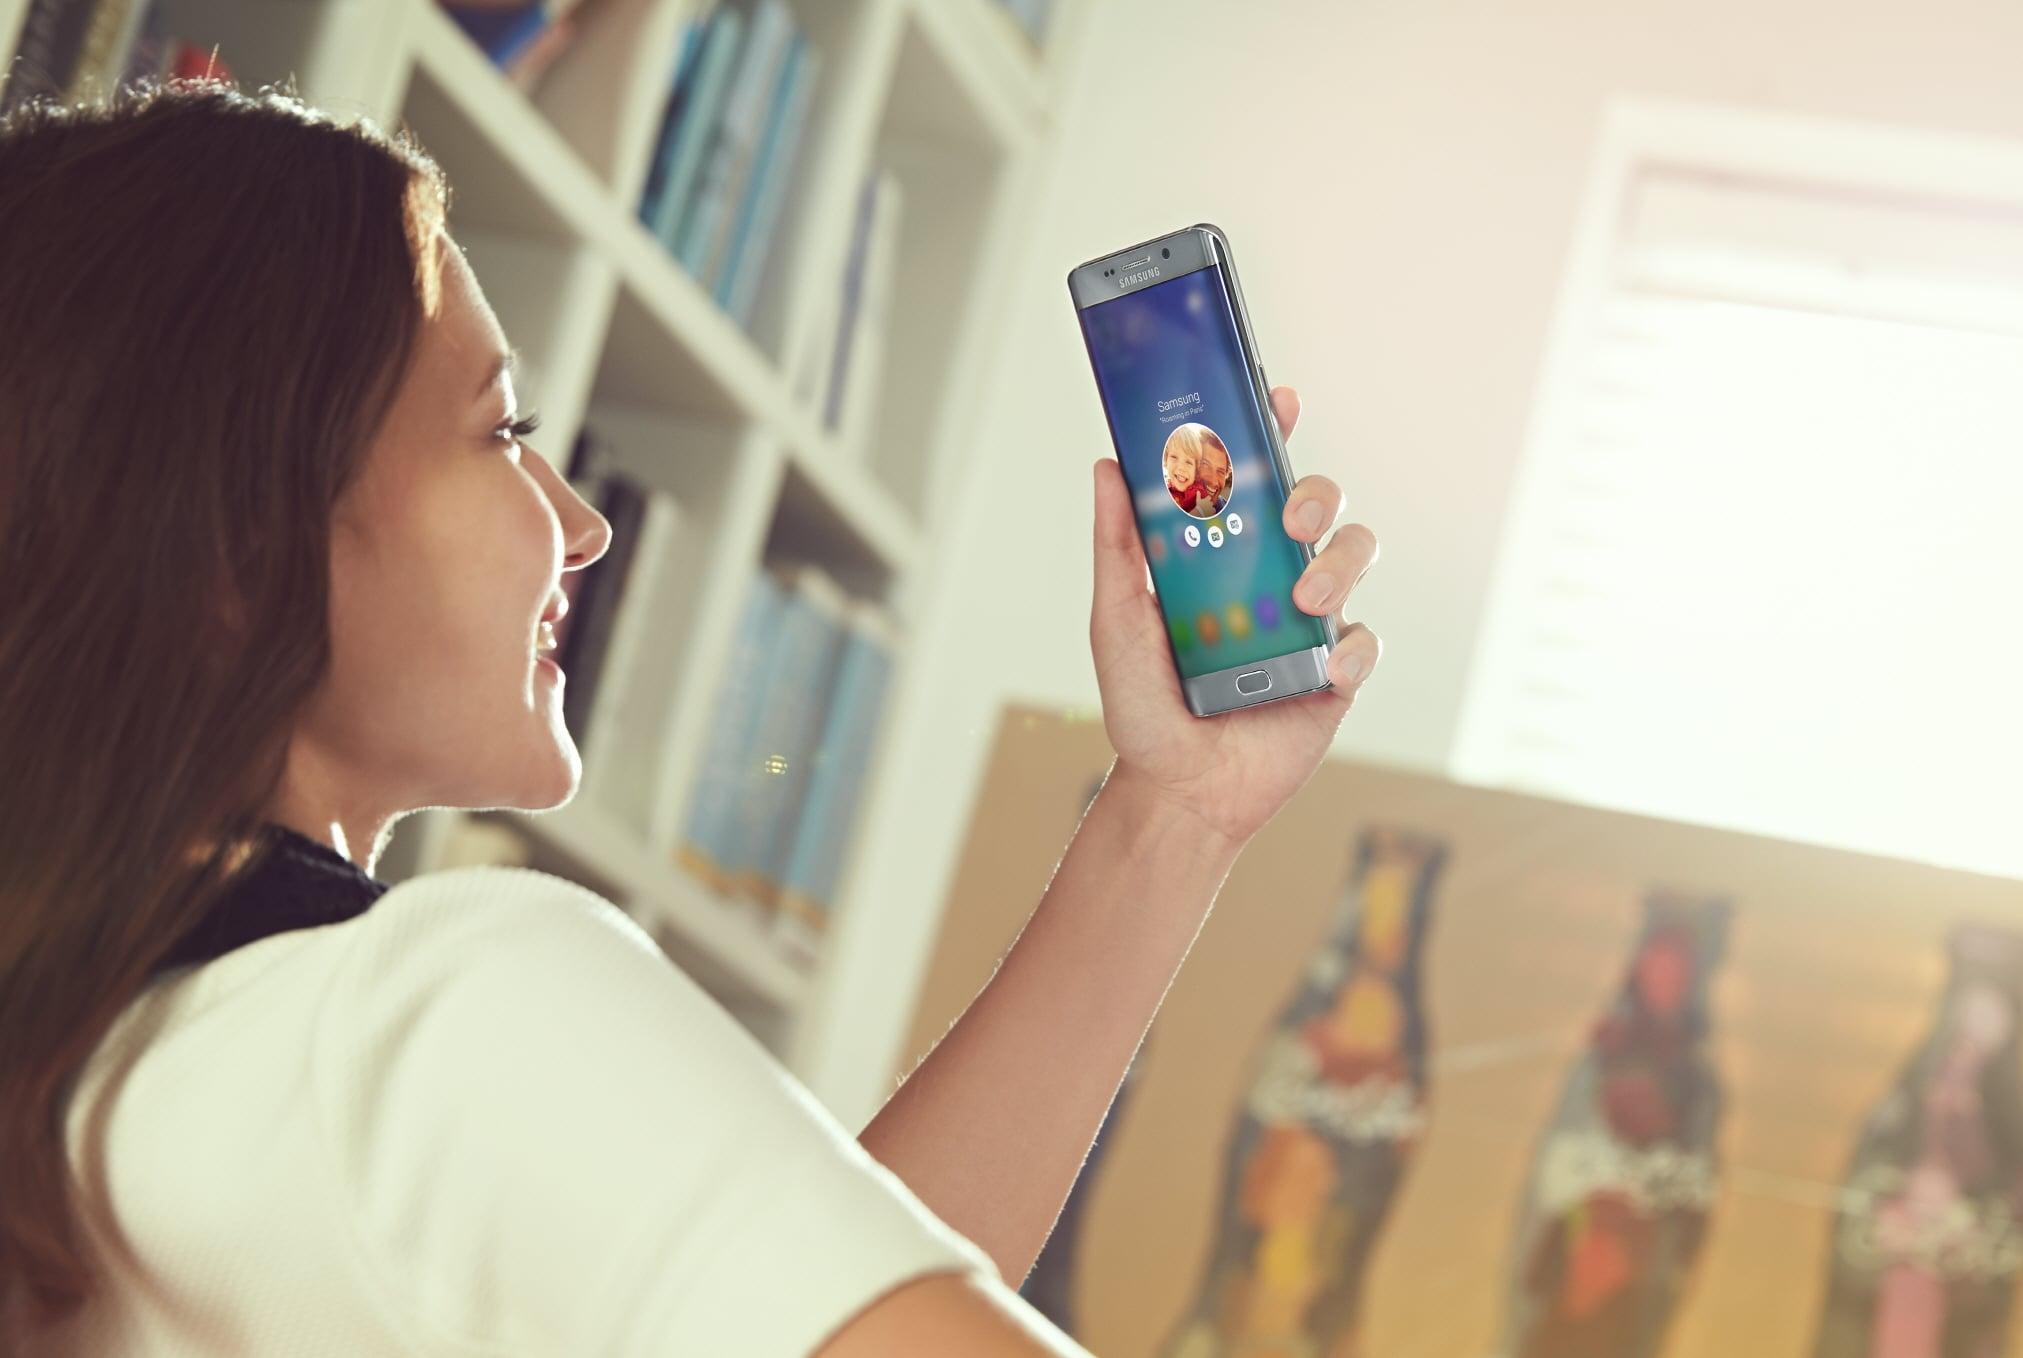 Samsung Galaxy S6 Edge+ dostępny w polskiej przedsprzedaży 24